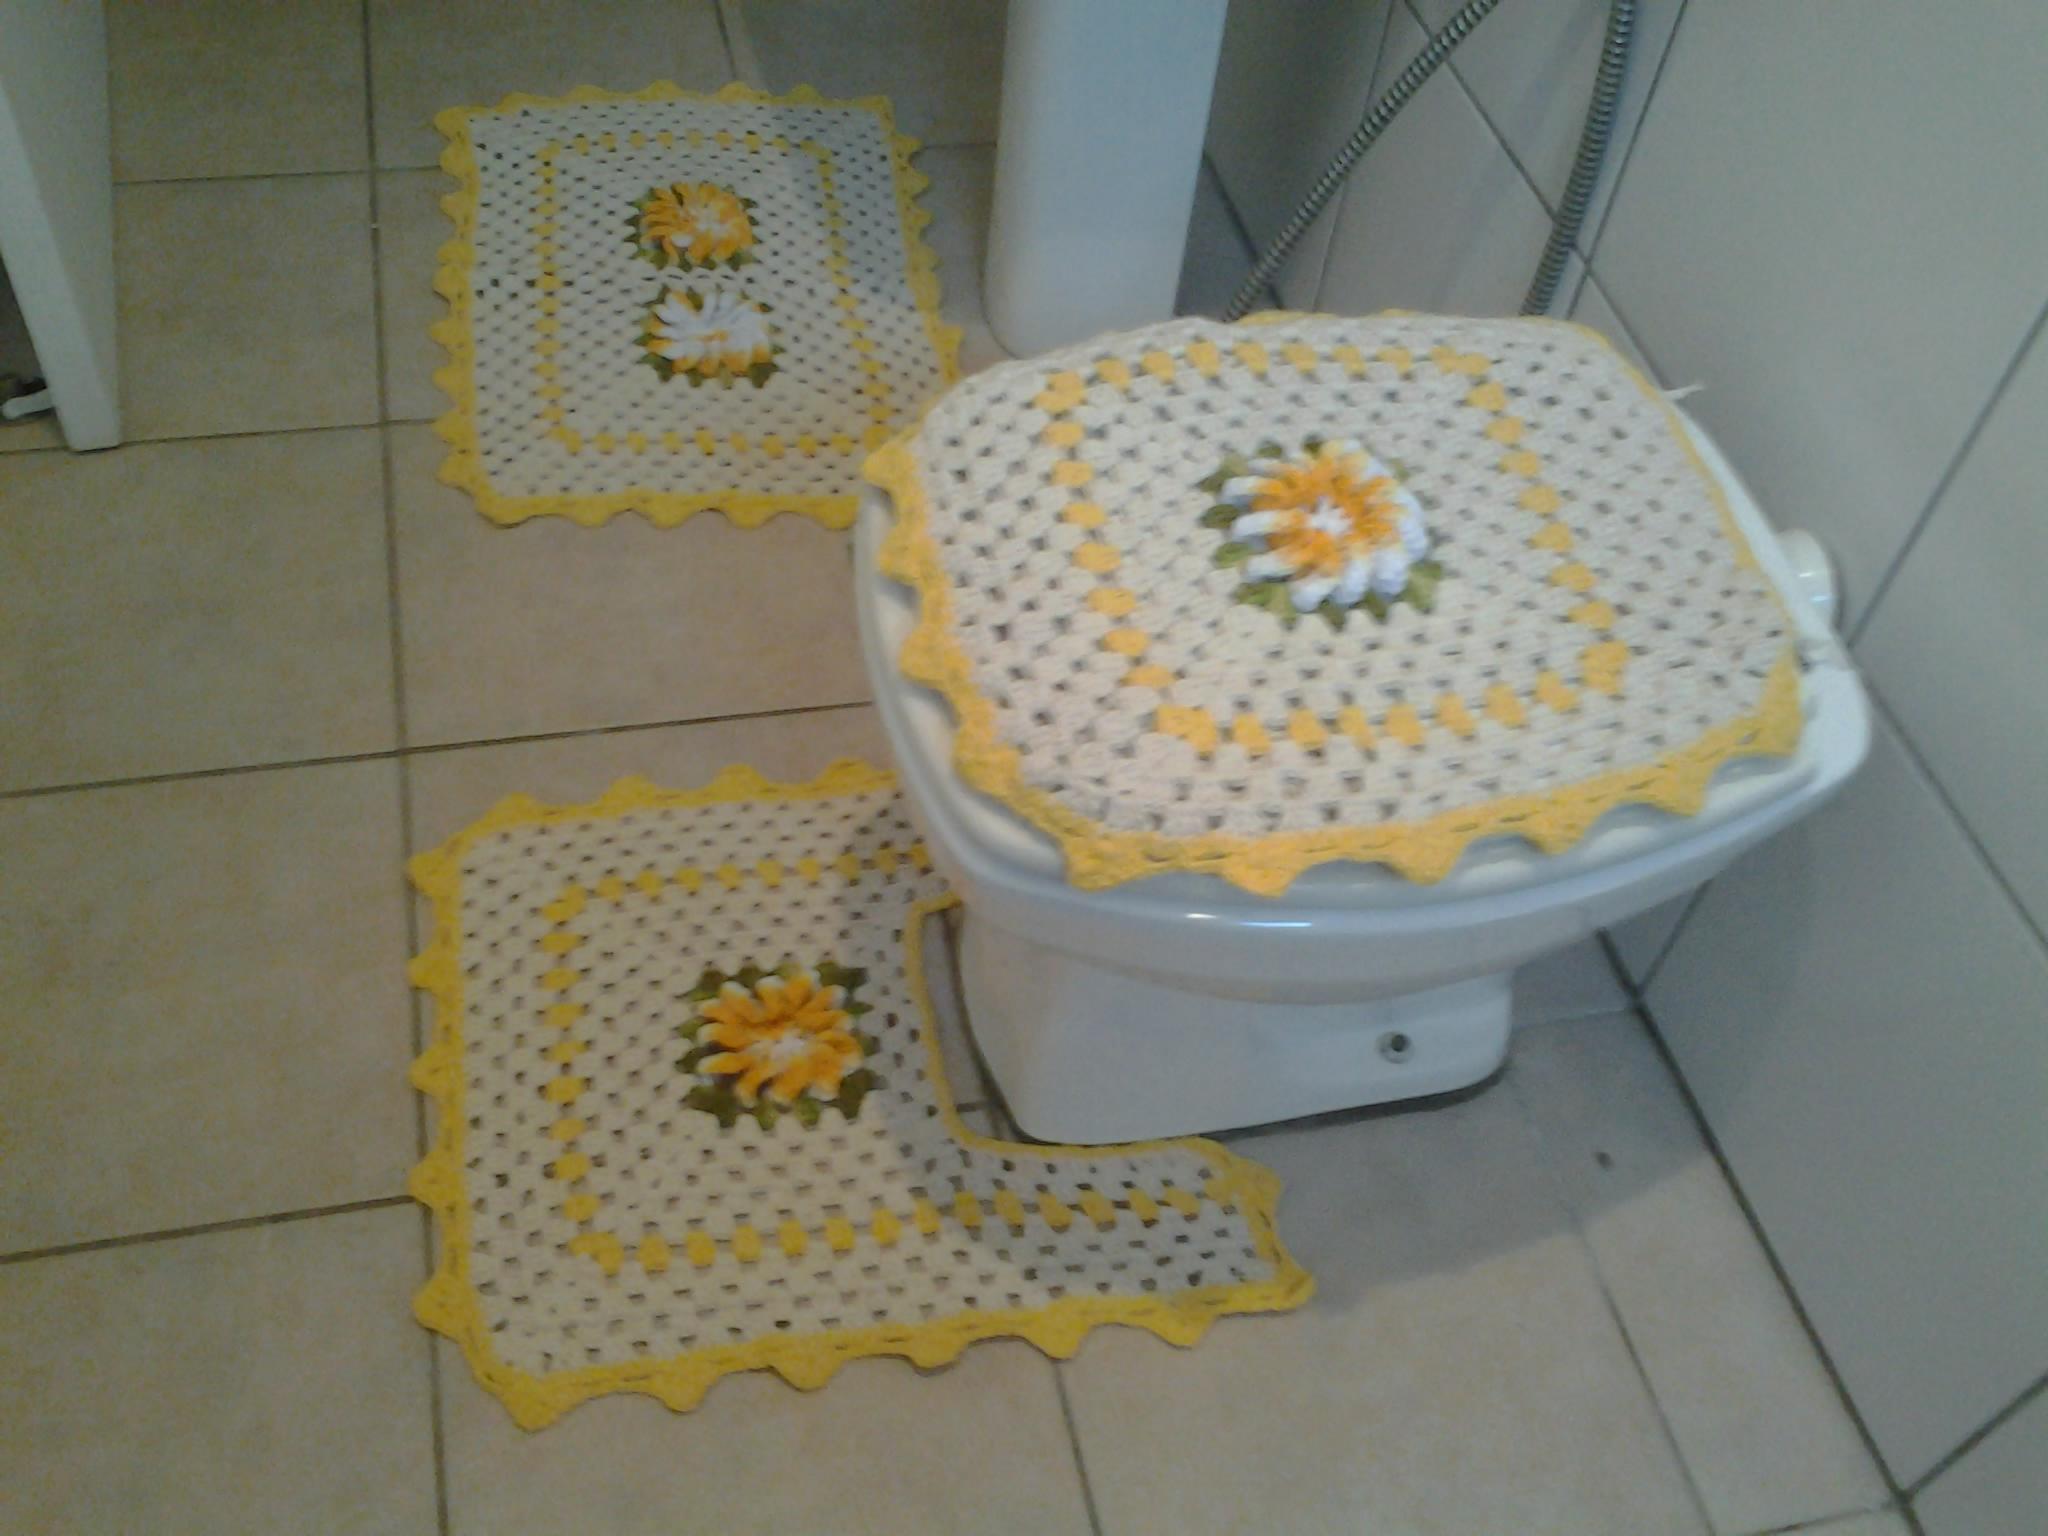 Jogo De Banheiro Quadrado Simples : Jogo de banheiro quadrado cooperativa do croche elo